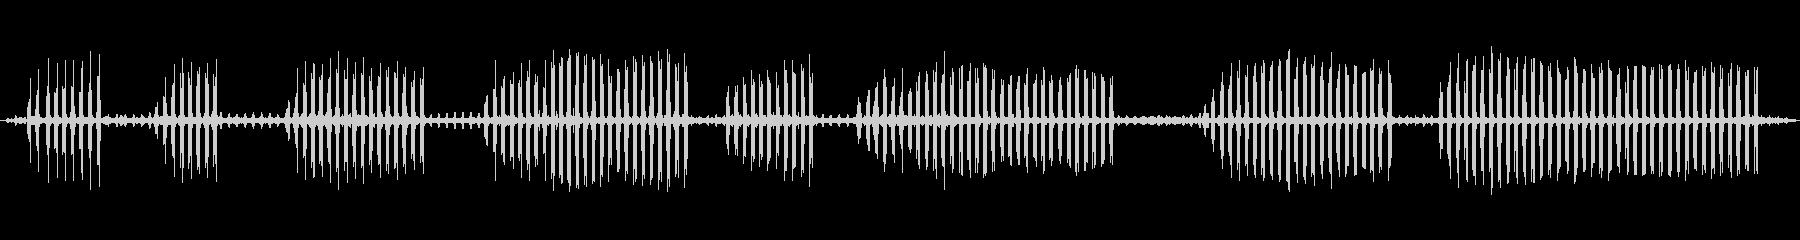 環境音 リバーデイバードコール03の未再生の波形